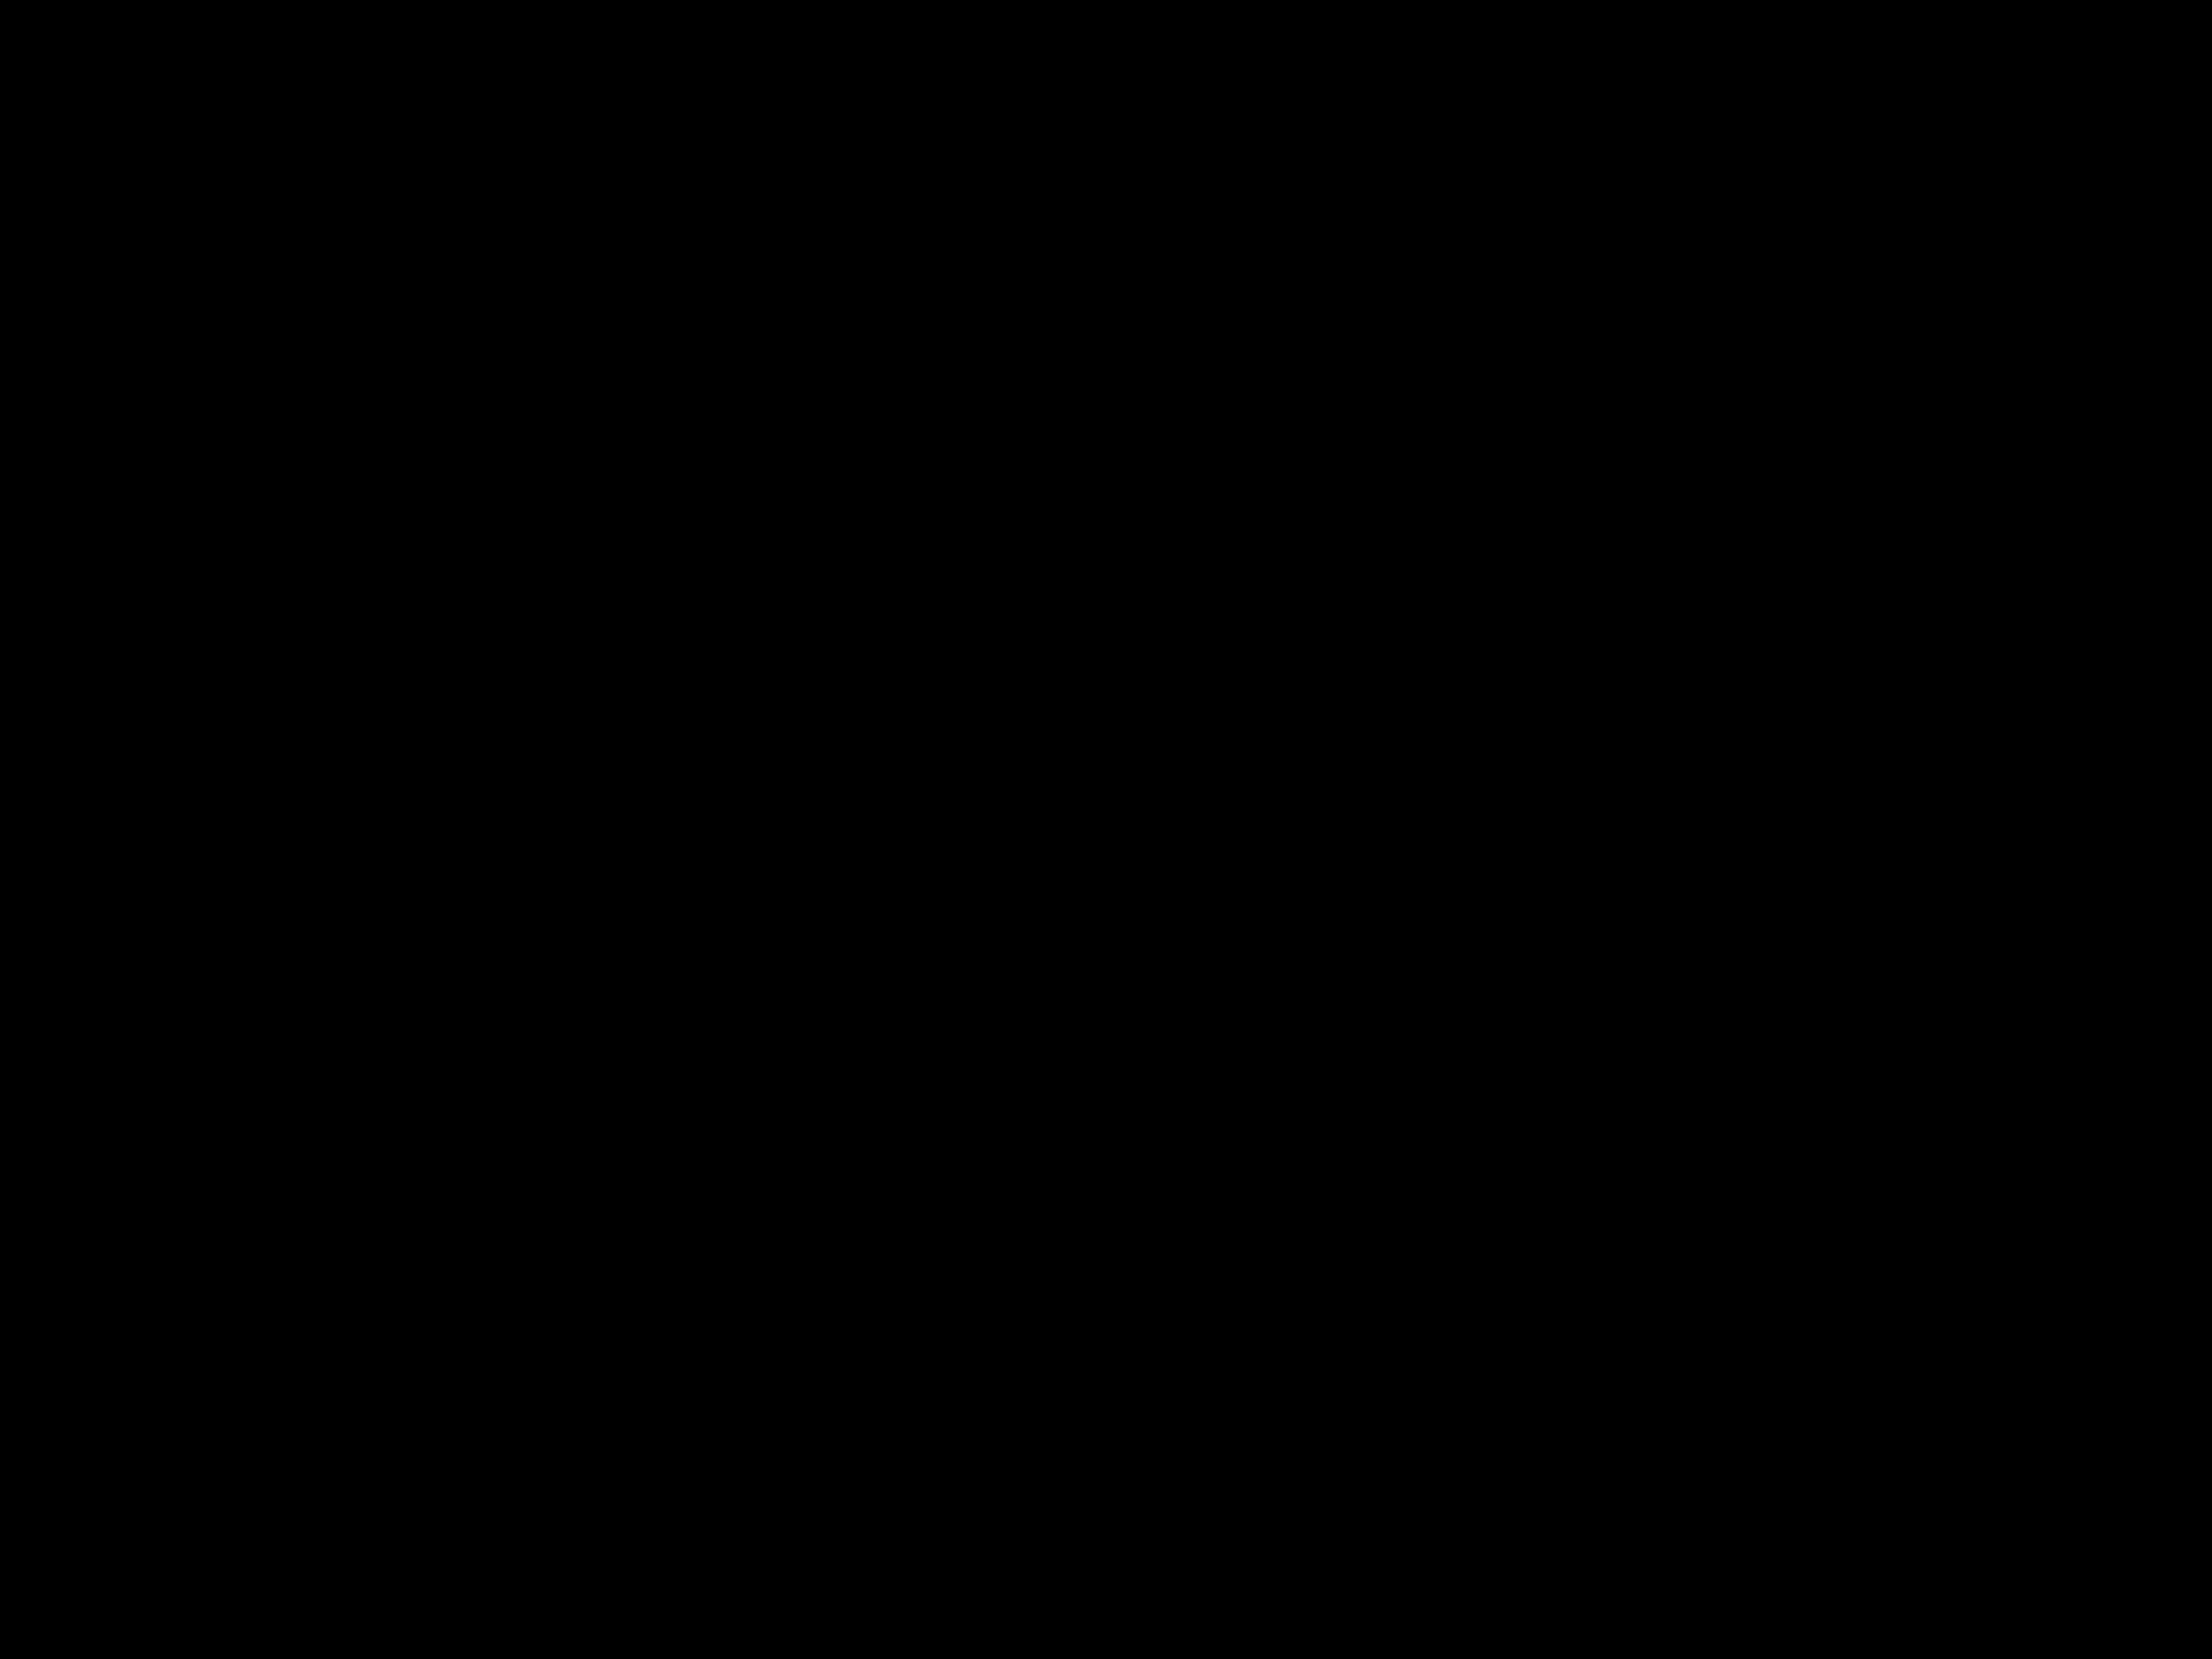 V177 Mercedes-Benz A-Class Sedan finally unveiled Image #842900